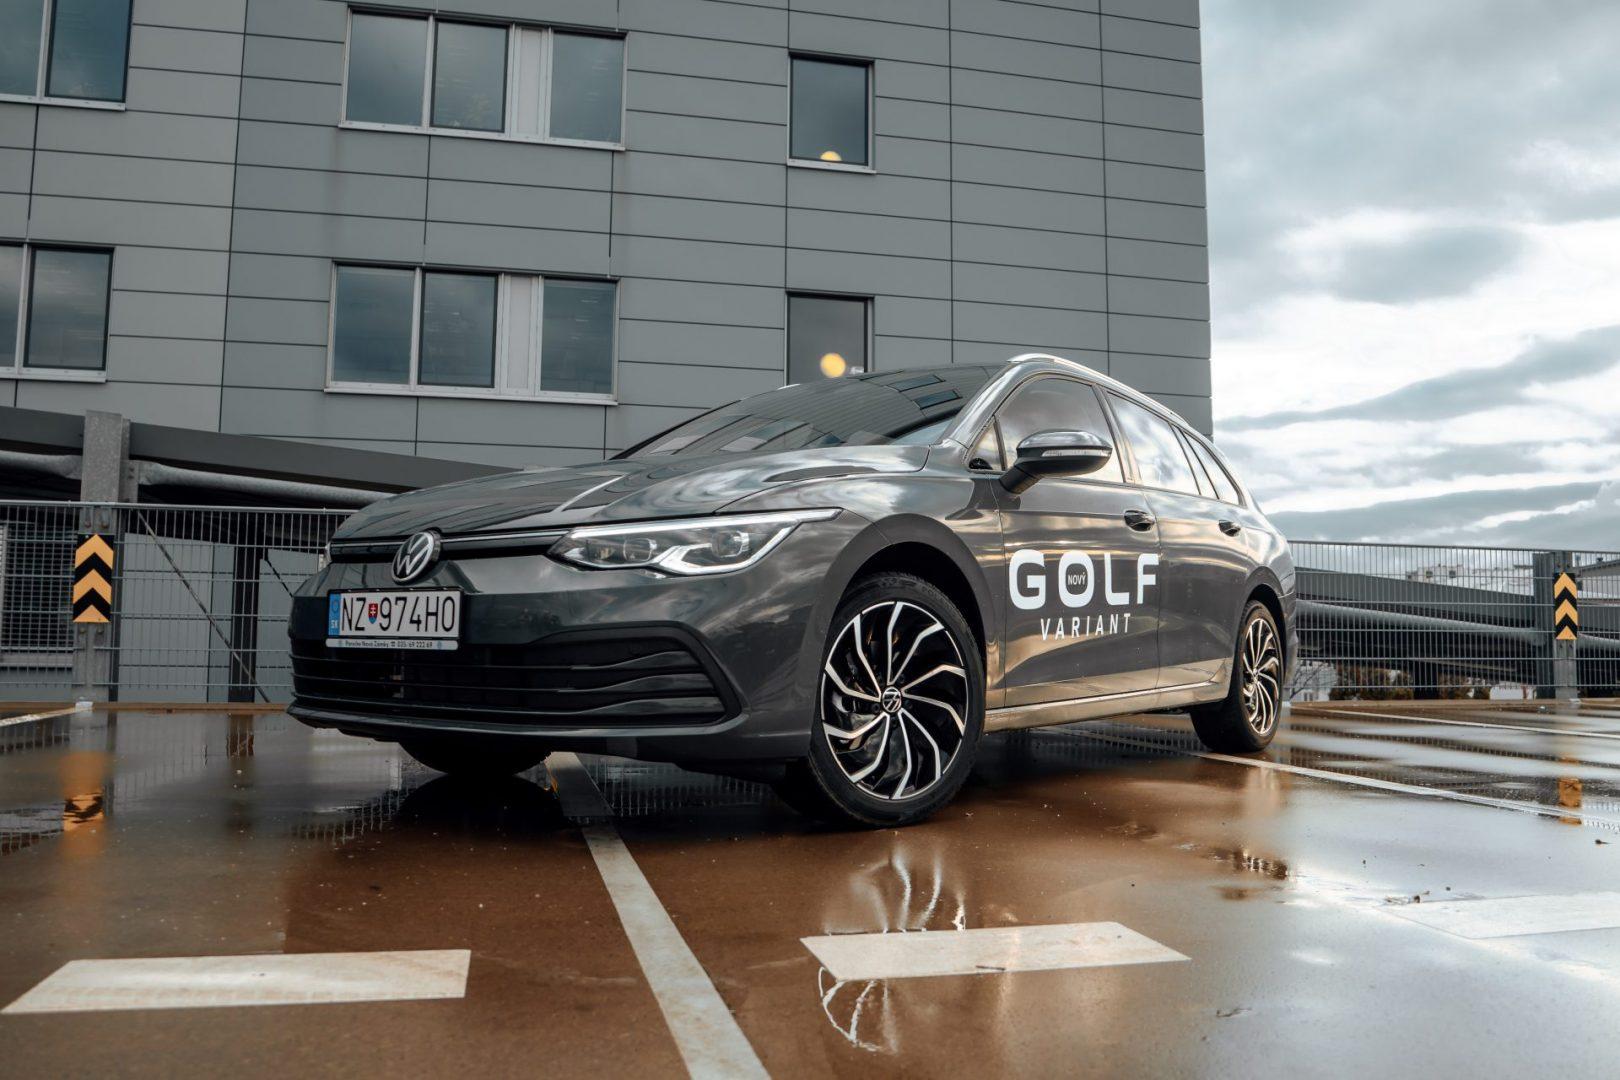 Golf 8 Variant exteriér